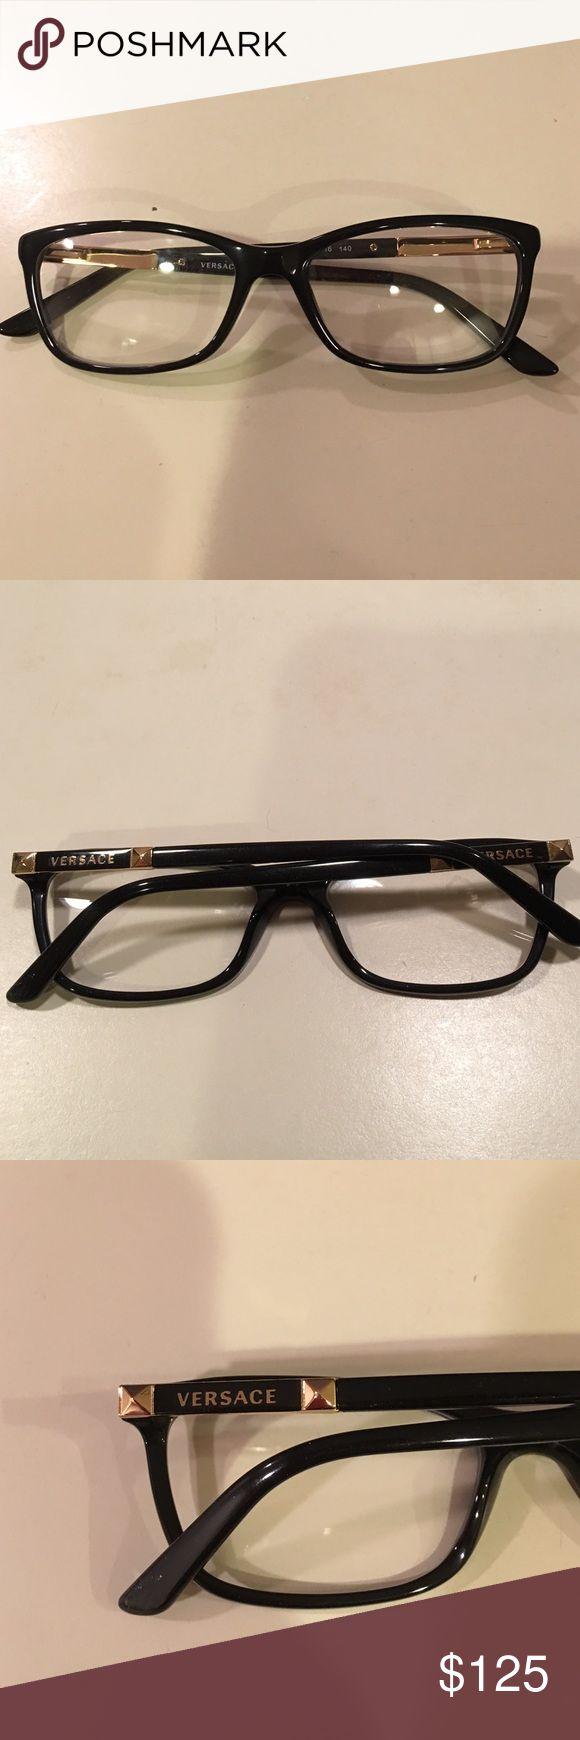 VERSACE EYEGLASSES frame new black VERSACE EYEGLASSES frame new black Versace Accessories Glasses